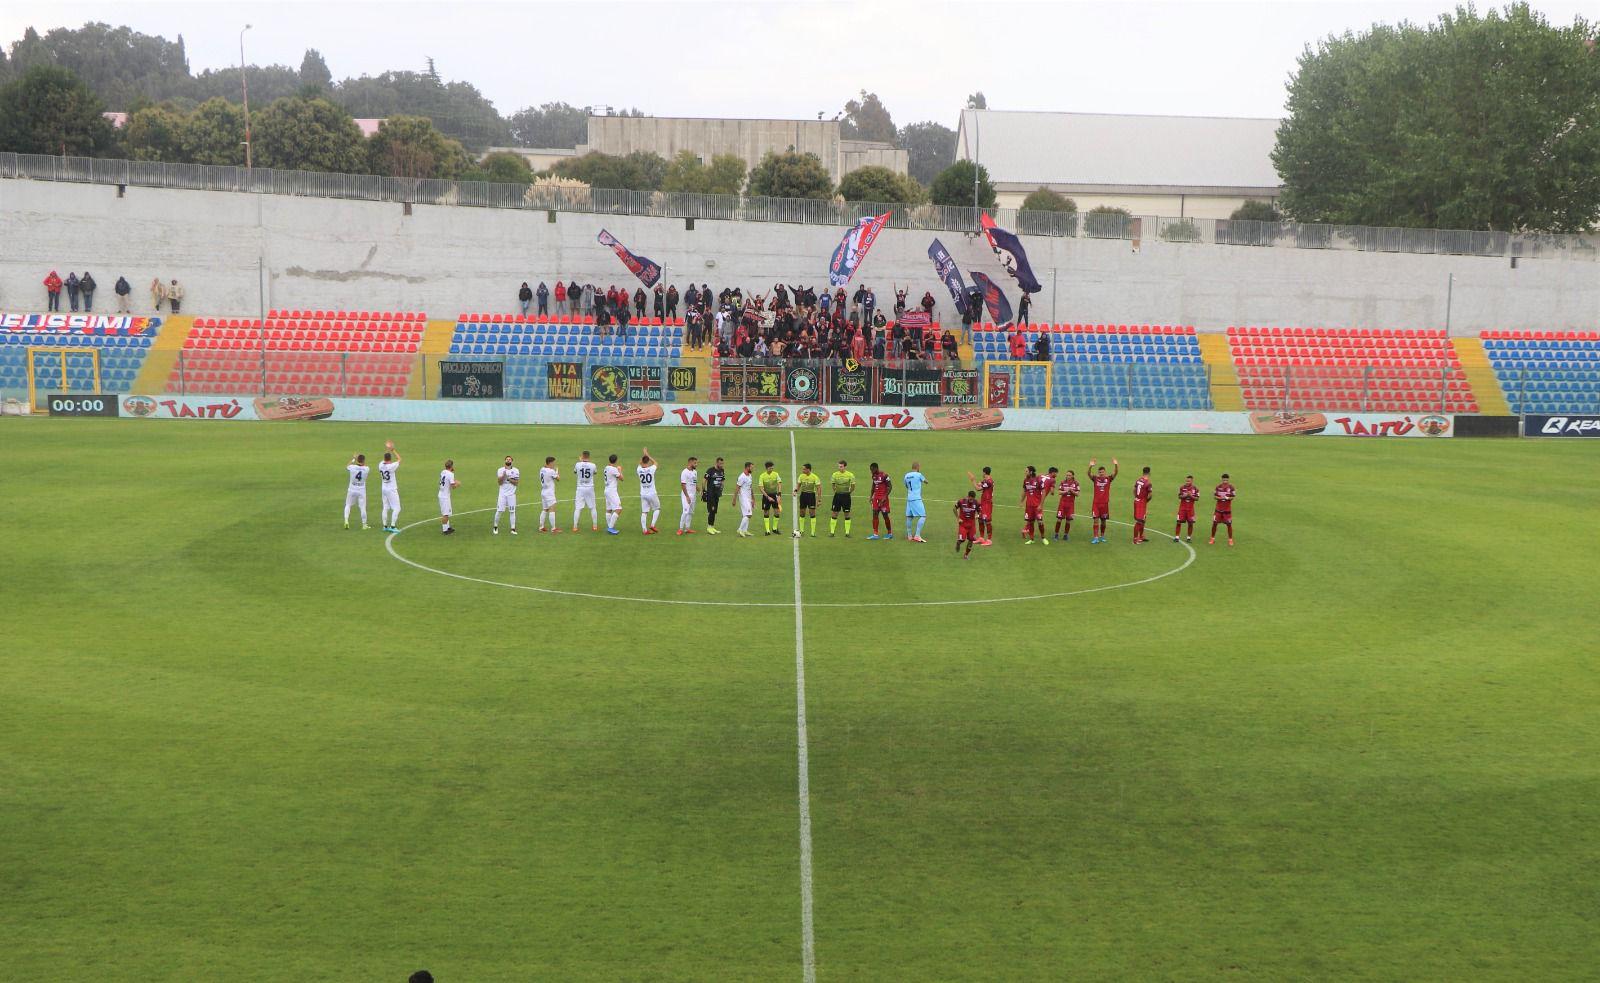 VIBONESE - POTENZA | Il tabellino del match immagine 18082 US Vibonese Calcio